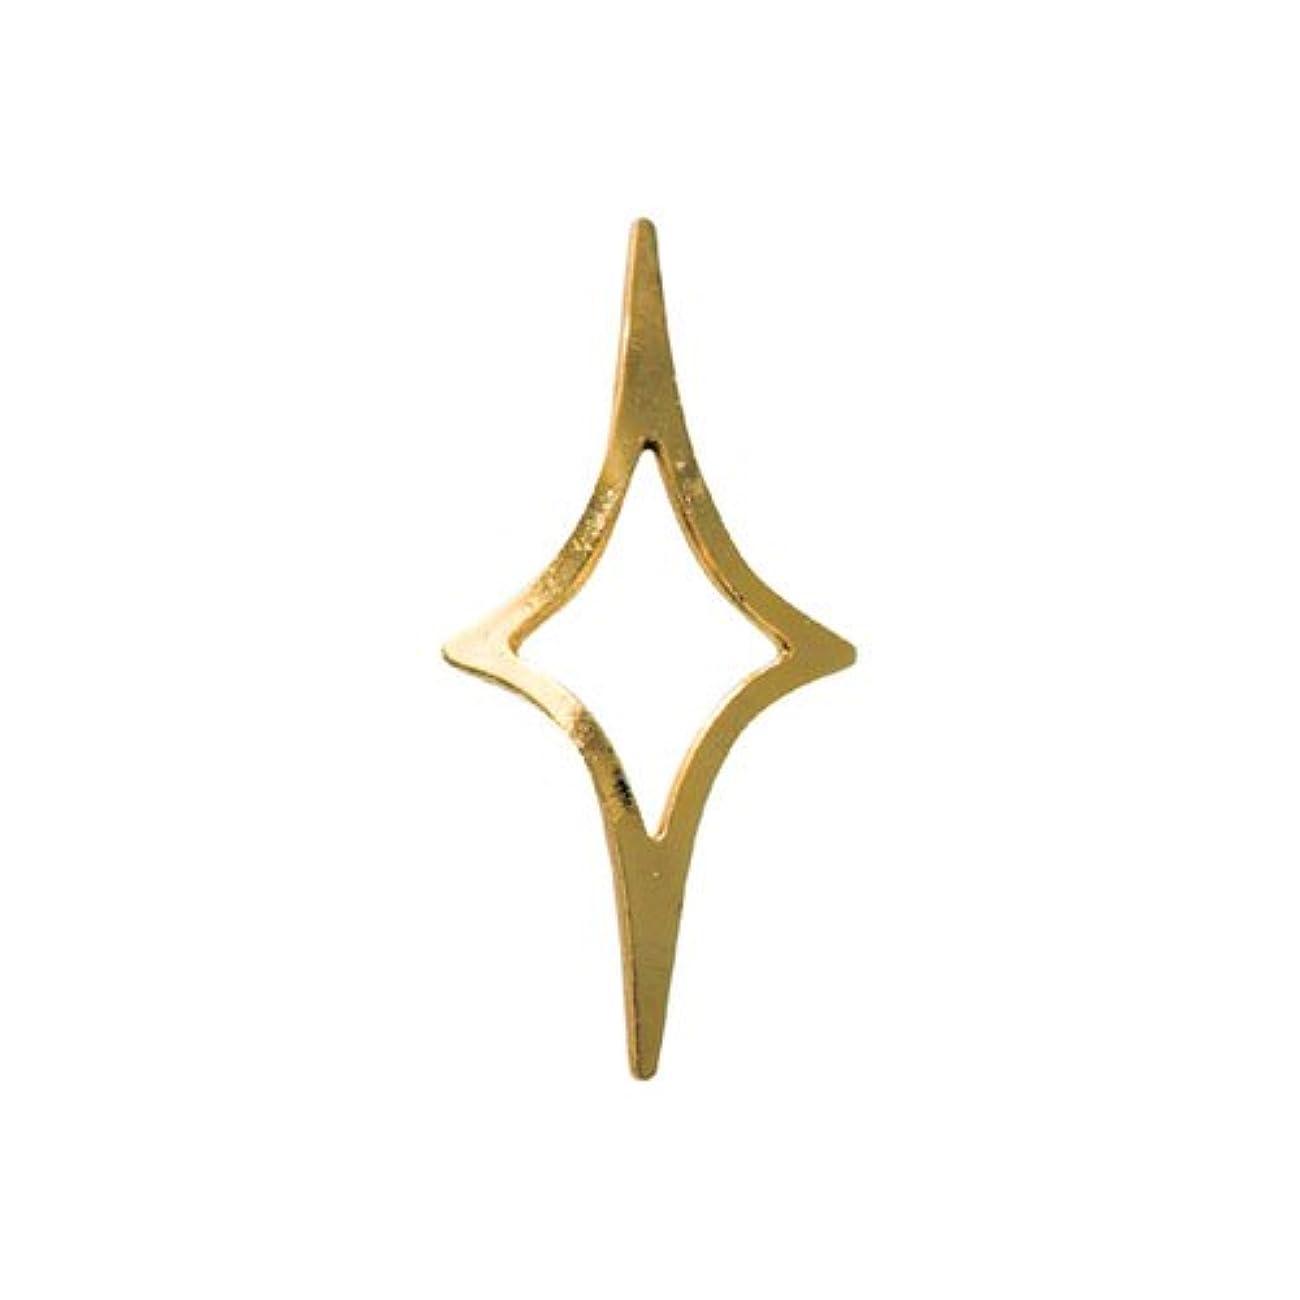 ダイアクリティカル飲料輸送リトルプリティー ネイルアートパーツ キラキラ2 3S ゴールド 20個